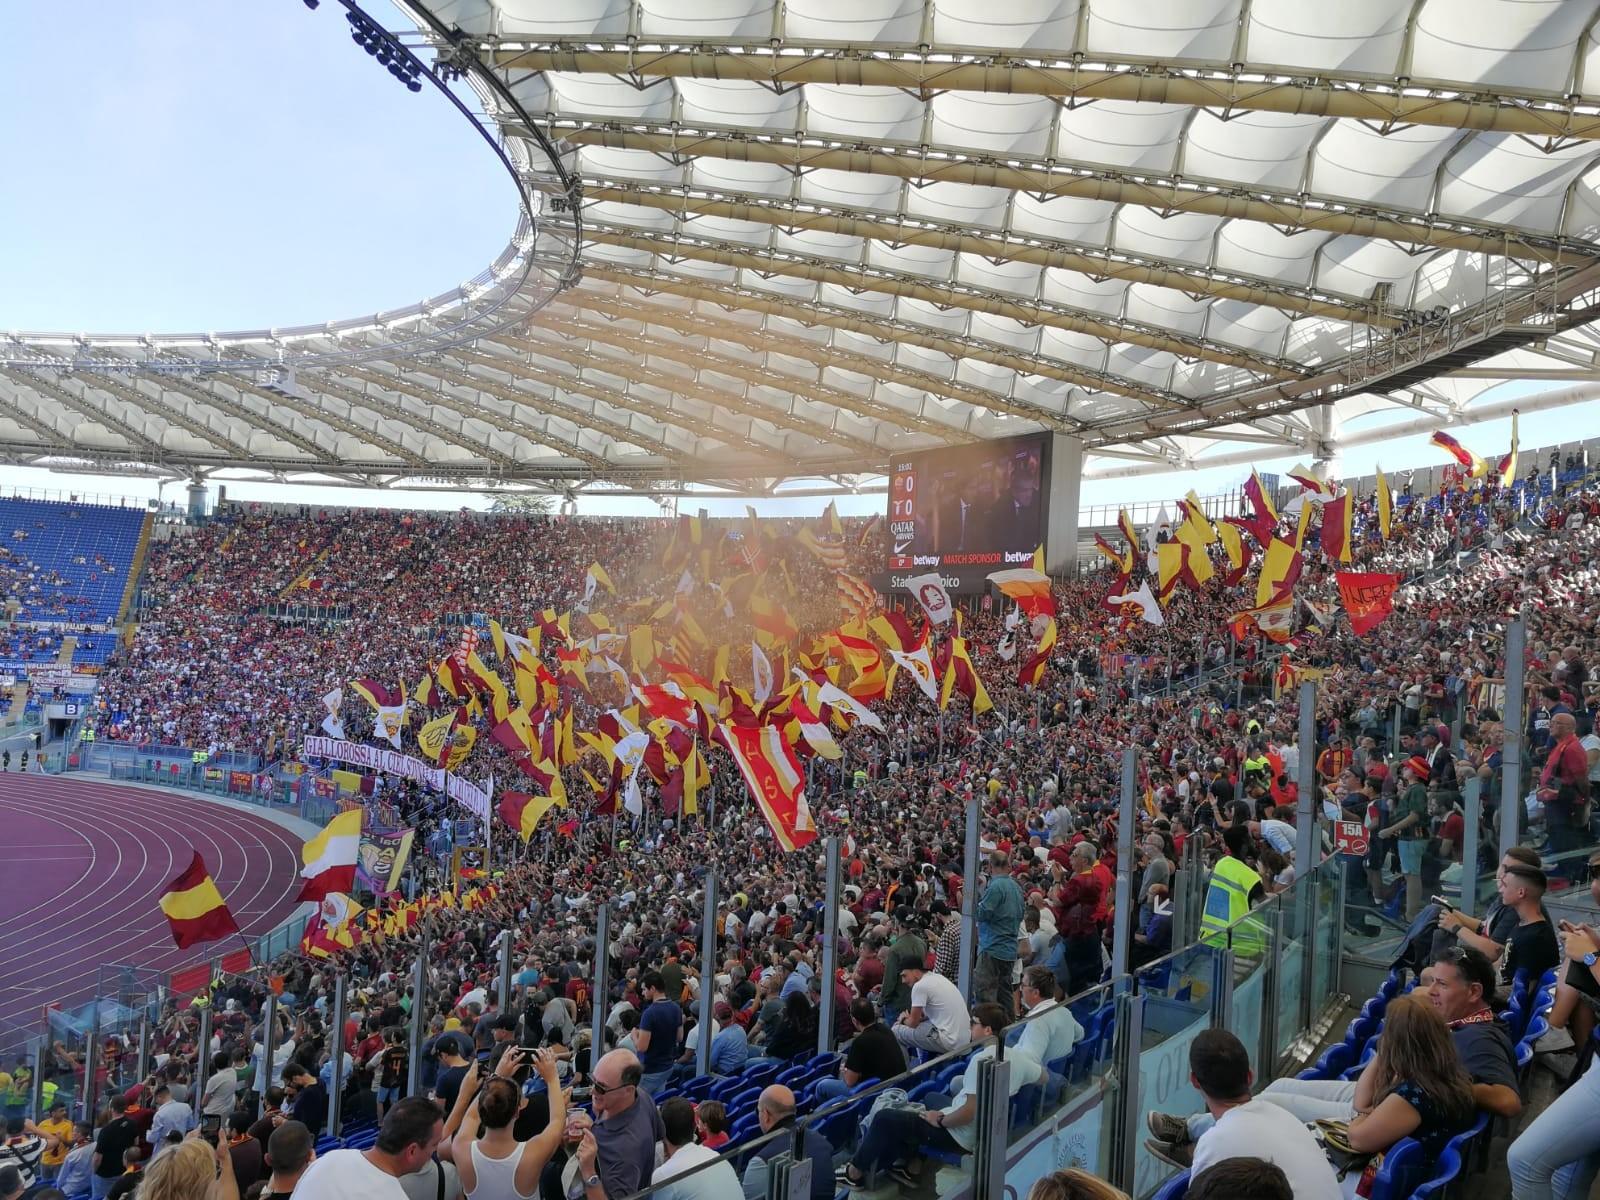 Calendario Wta 2019 Más Populares Roma Club Lucania Briganti Giallorossi Of Calendario Wta 2019 Más Arriba-a-fecha Hojaconrayasparaimprimir Trabajos 1 T